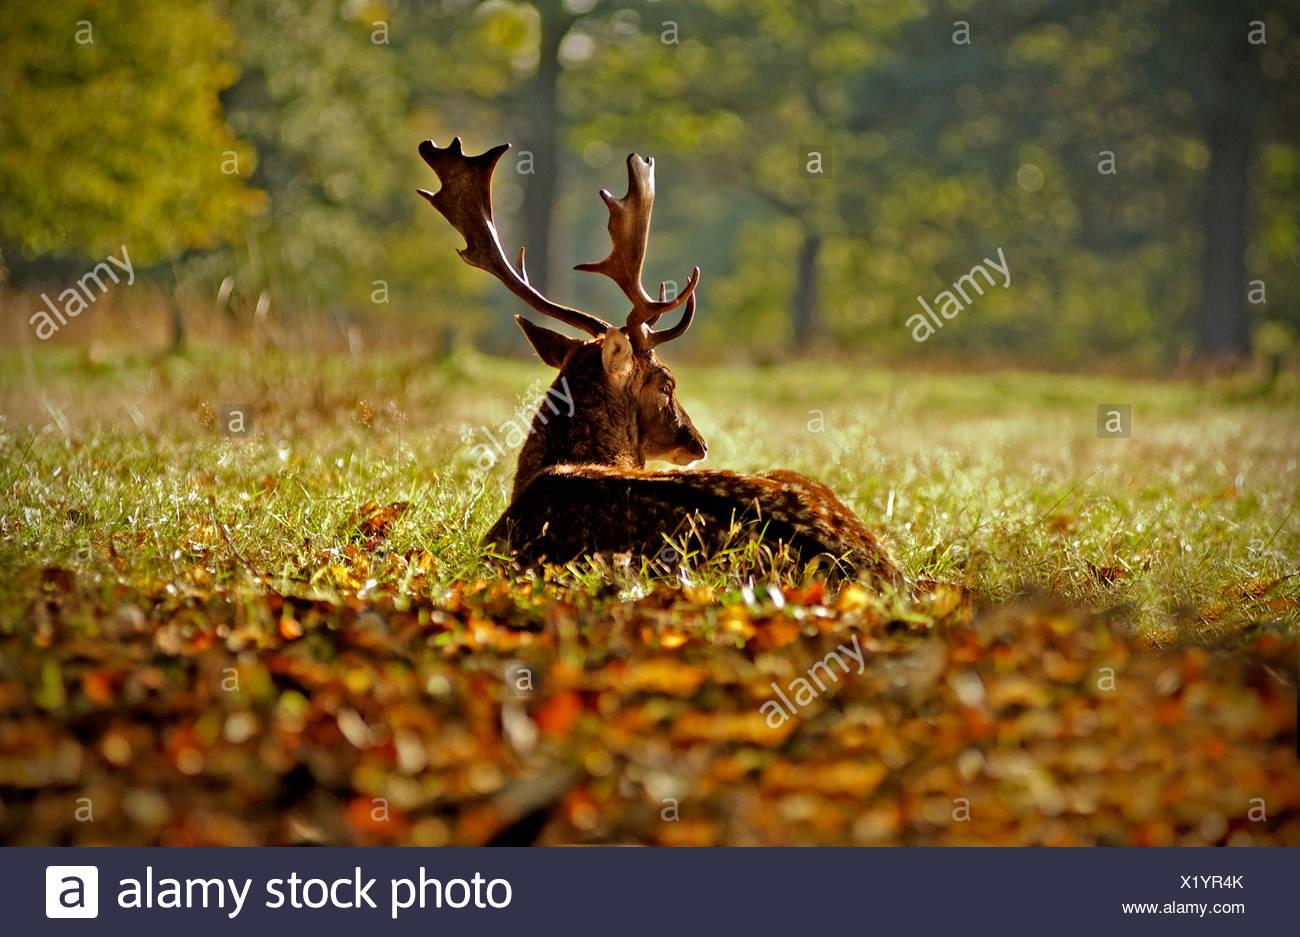 Deer relaxing in grass - Stock Image